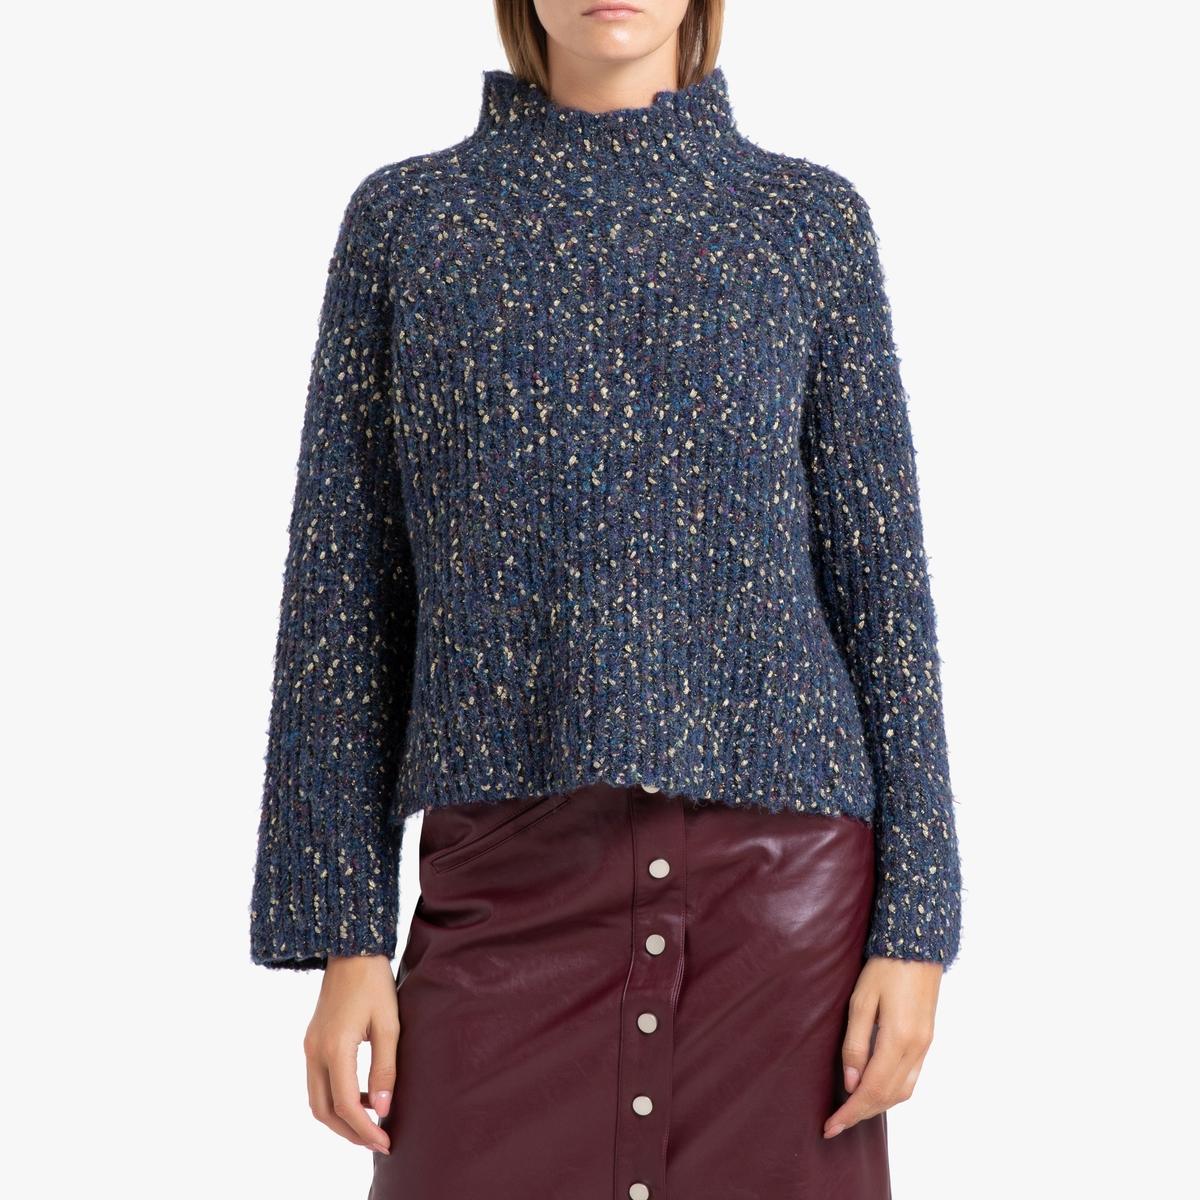 Пуловер La Redoute С воротником-стойкой из блестящего трикотажа PLACIDE 0(XS) синий